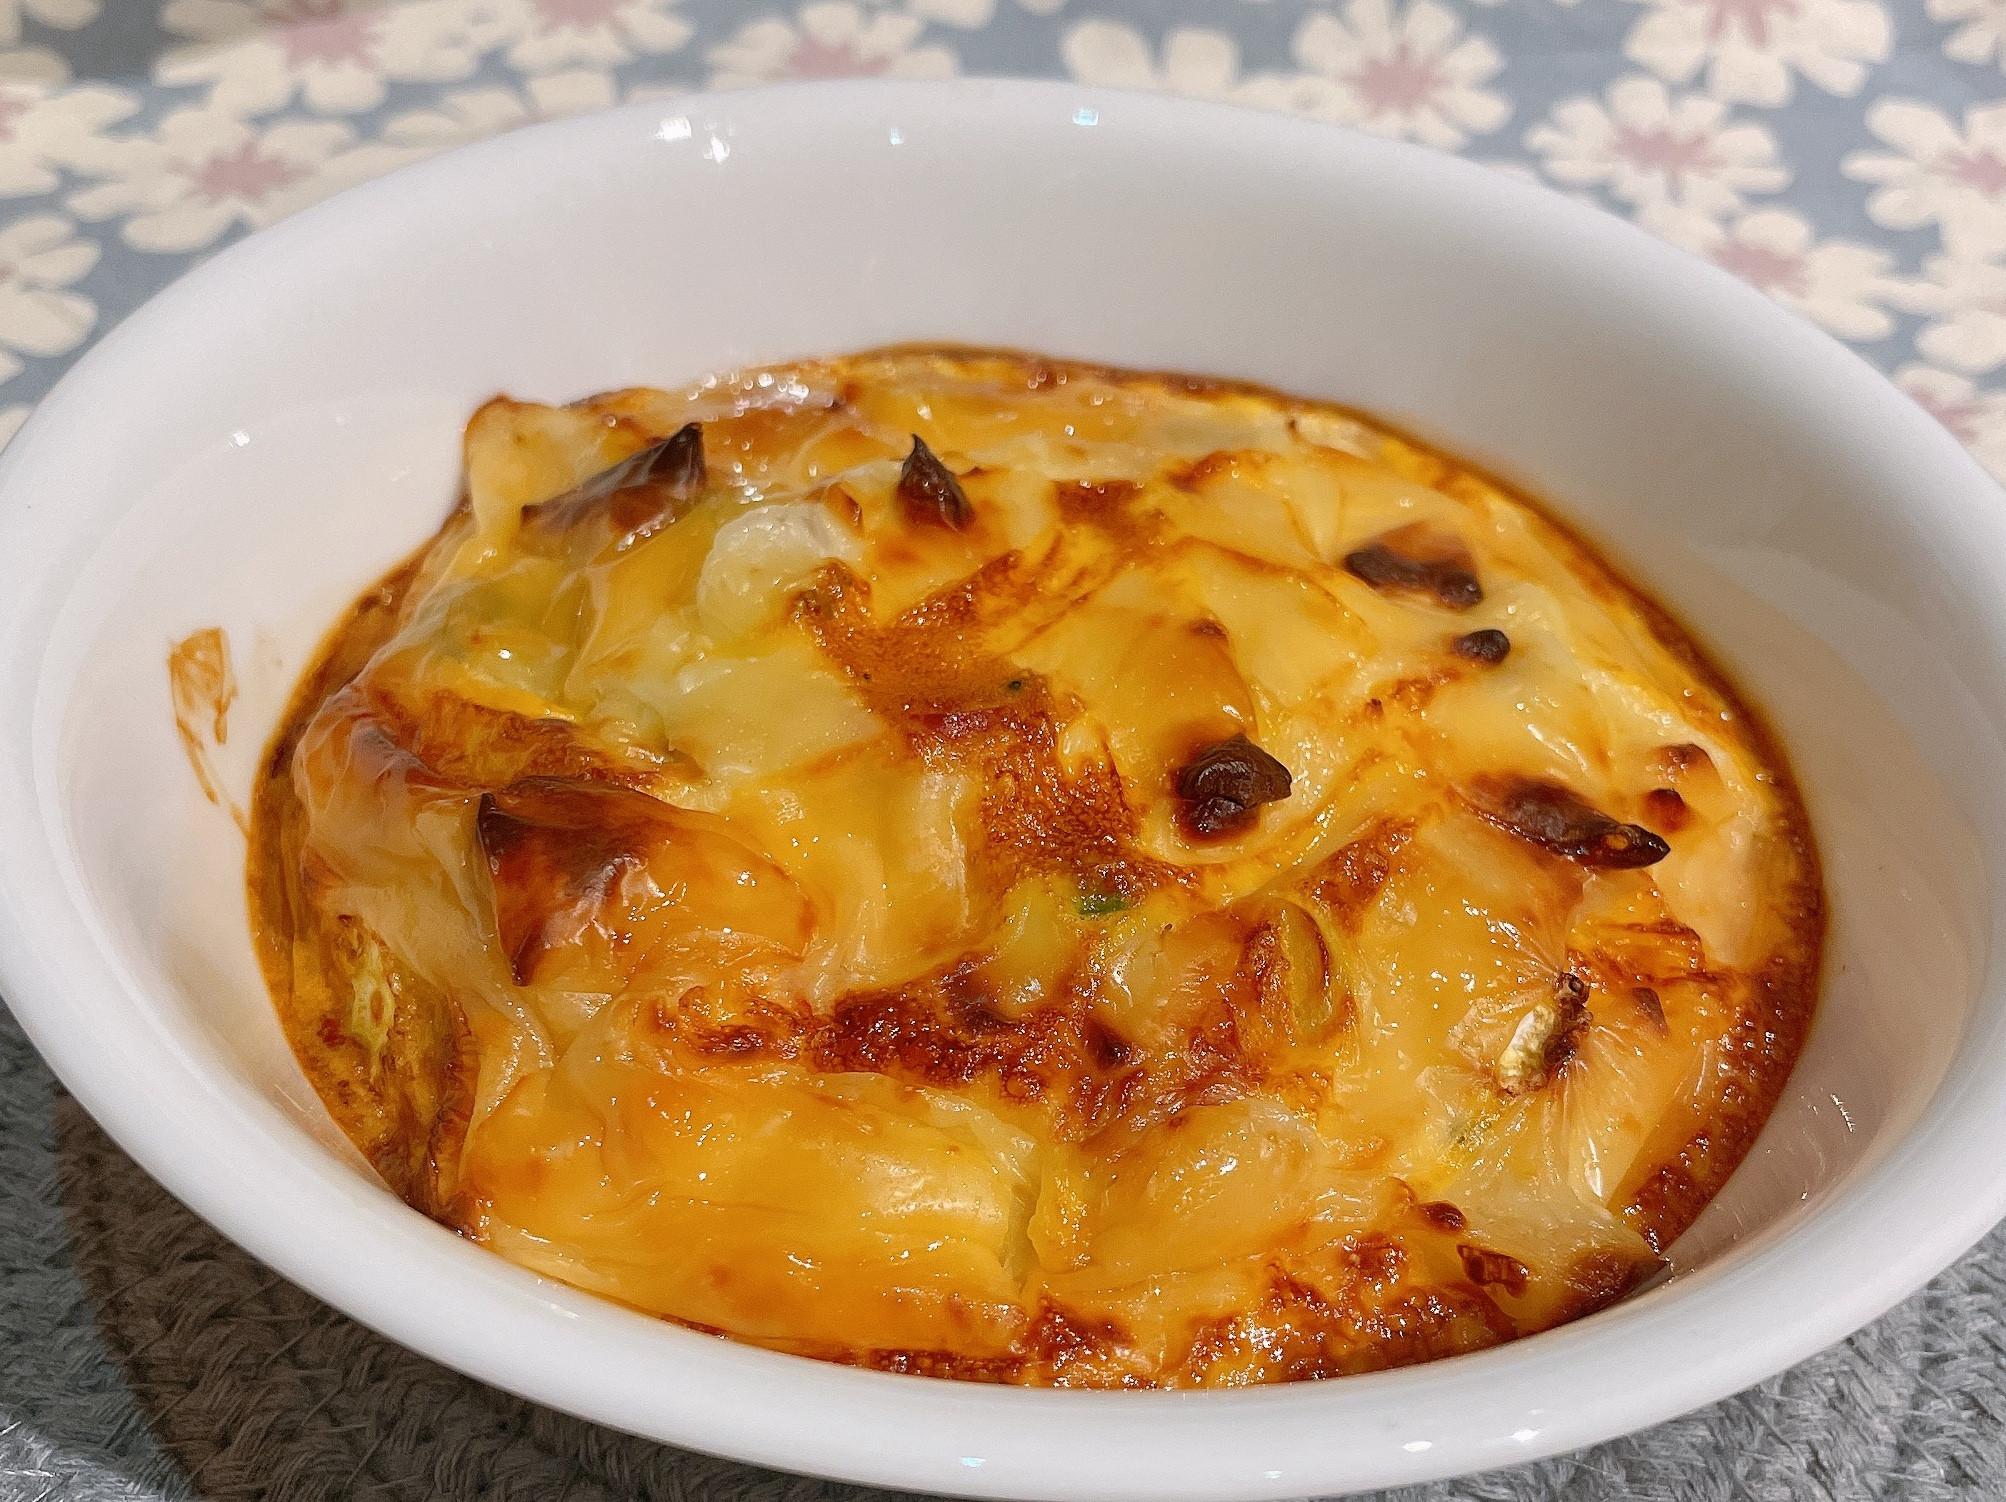 起司蔬菜烘蛋熱狗干貝甜椒-氣炸烤箱版鍋寶